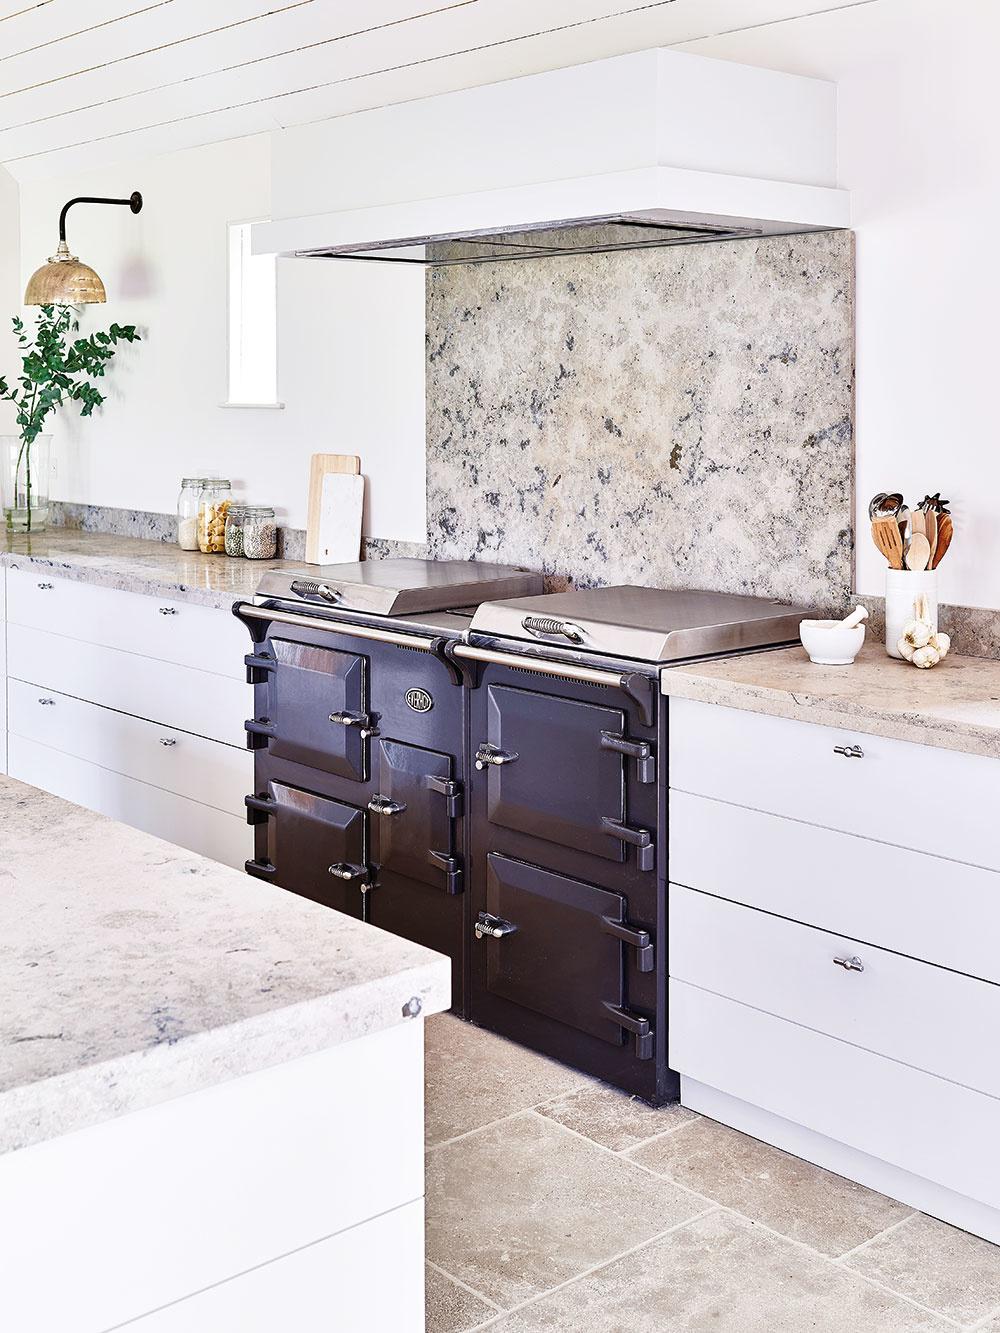 8 MATERIÁLY  Kuchyňu, podobne ako kúpeľňu, staviate na jedno iviac desaťročí, apreto na materiáloch nešetrite. Vyberte si to najkvalitnejšie, čo si môžete dovoliť, aby vaša kuchyňa nielen dobre vyzerala, ale aj dlho vydržala. Dlhou životnosťou sa vyznačuje napríklad prírodný aj umelý kameň, porcelán, väčšina kovov, meď anehrdzavejúca oceľ ivysokotlakový laminát. Správne ošetrené drevo alebo impregnovaný betón sú tiež dobrou amodernou voľbou. FOTO NEPTUNE/www.lanatura.cz